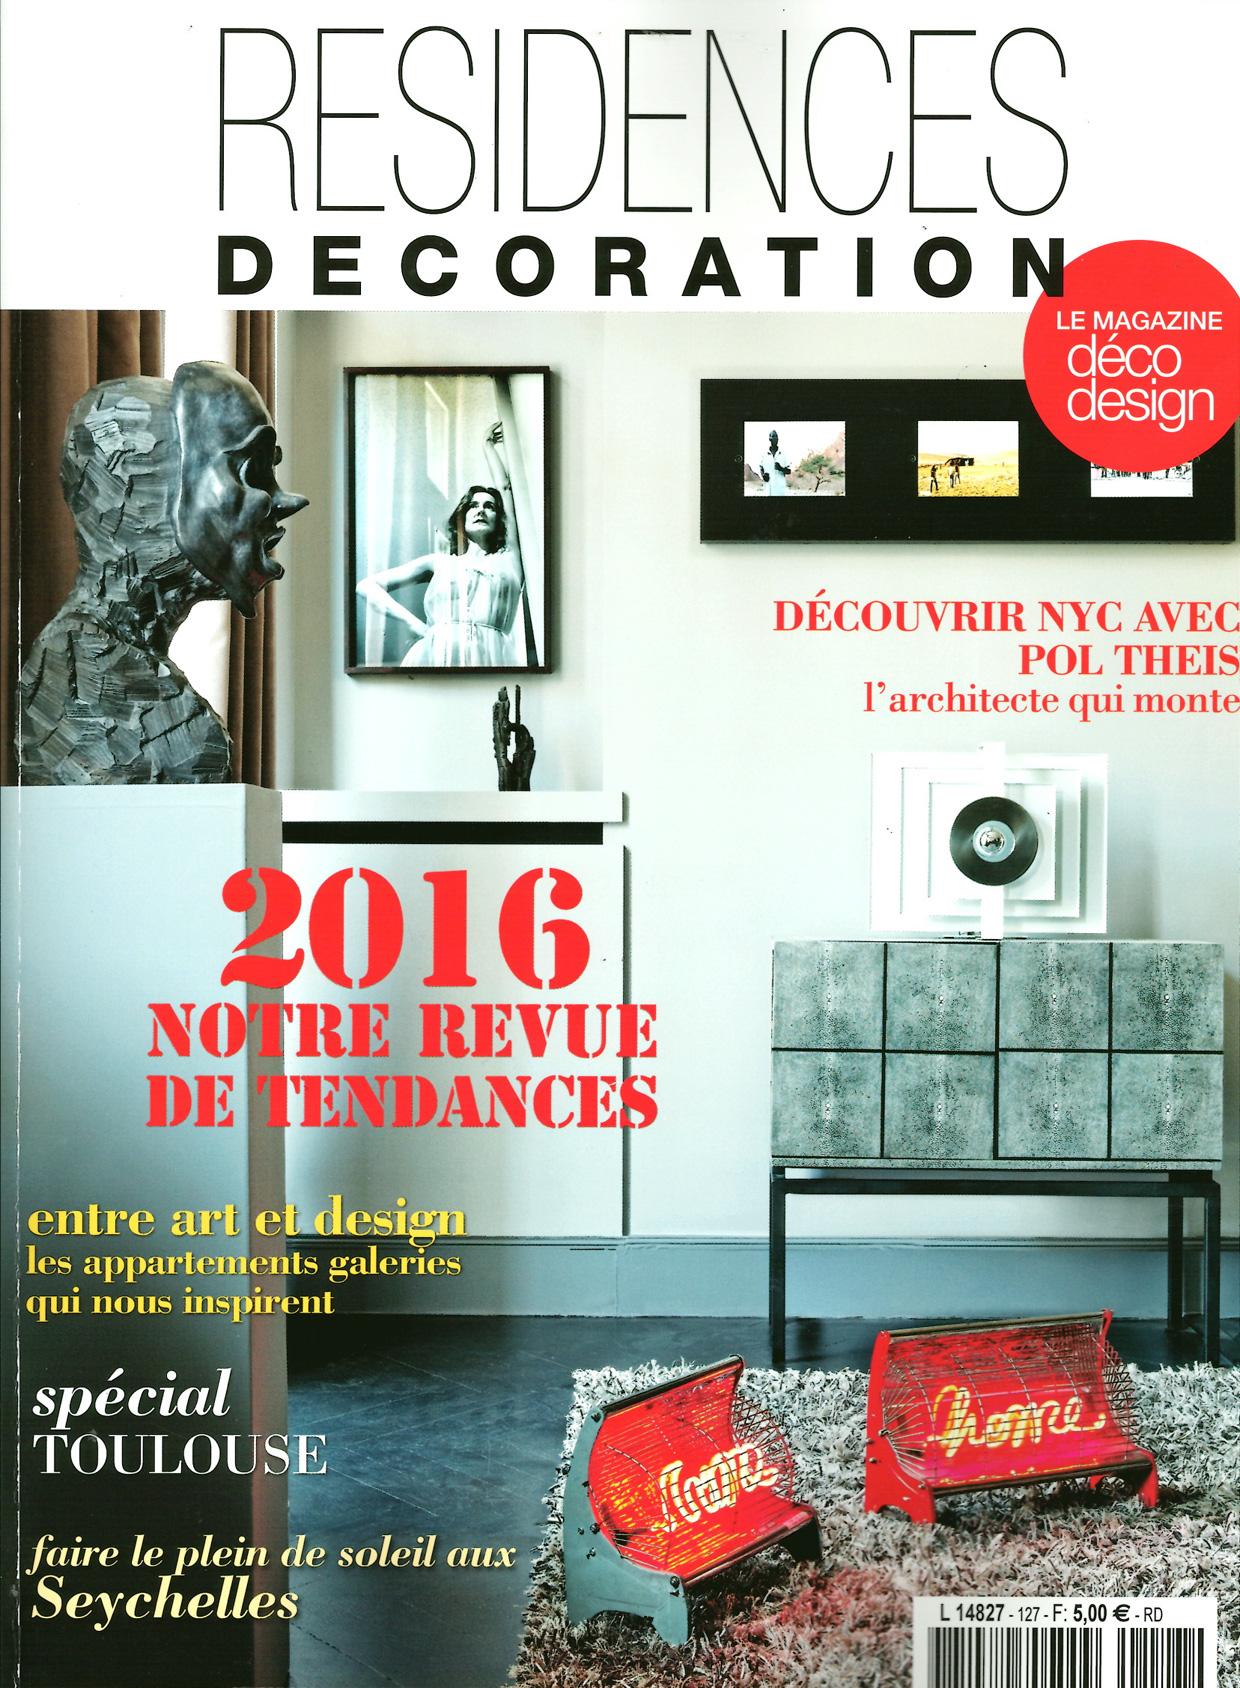 Résidences Décoration - Janvier 2016 - Page 0